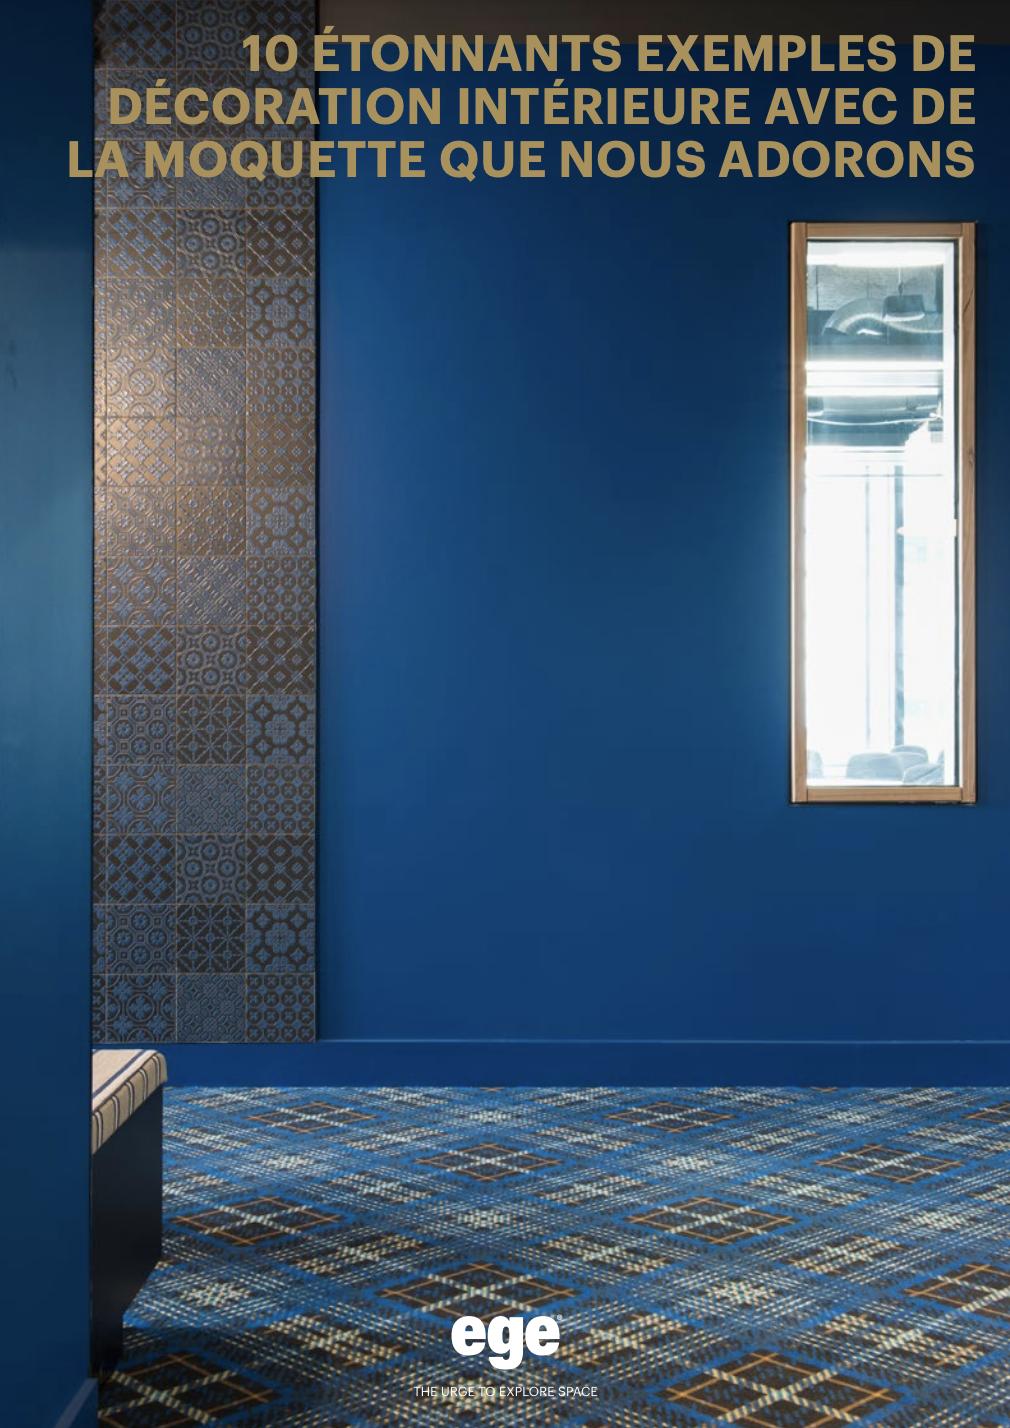 10 Amazing Carpet Cases We Love - 1 - fr